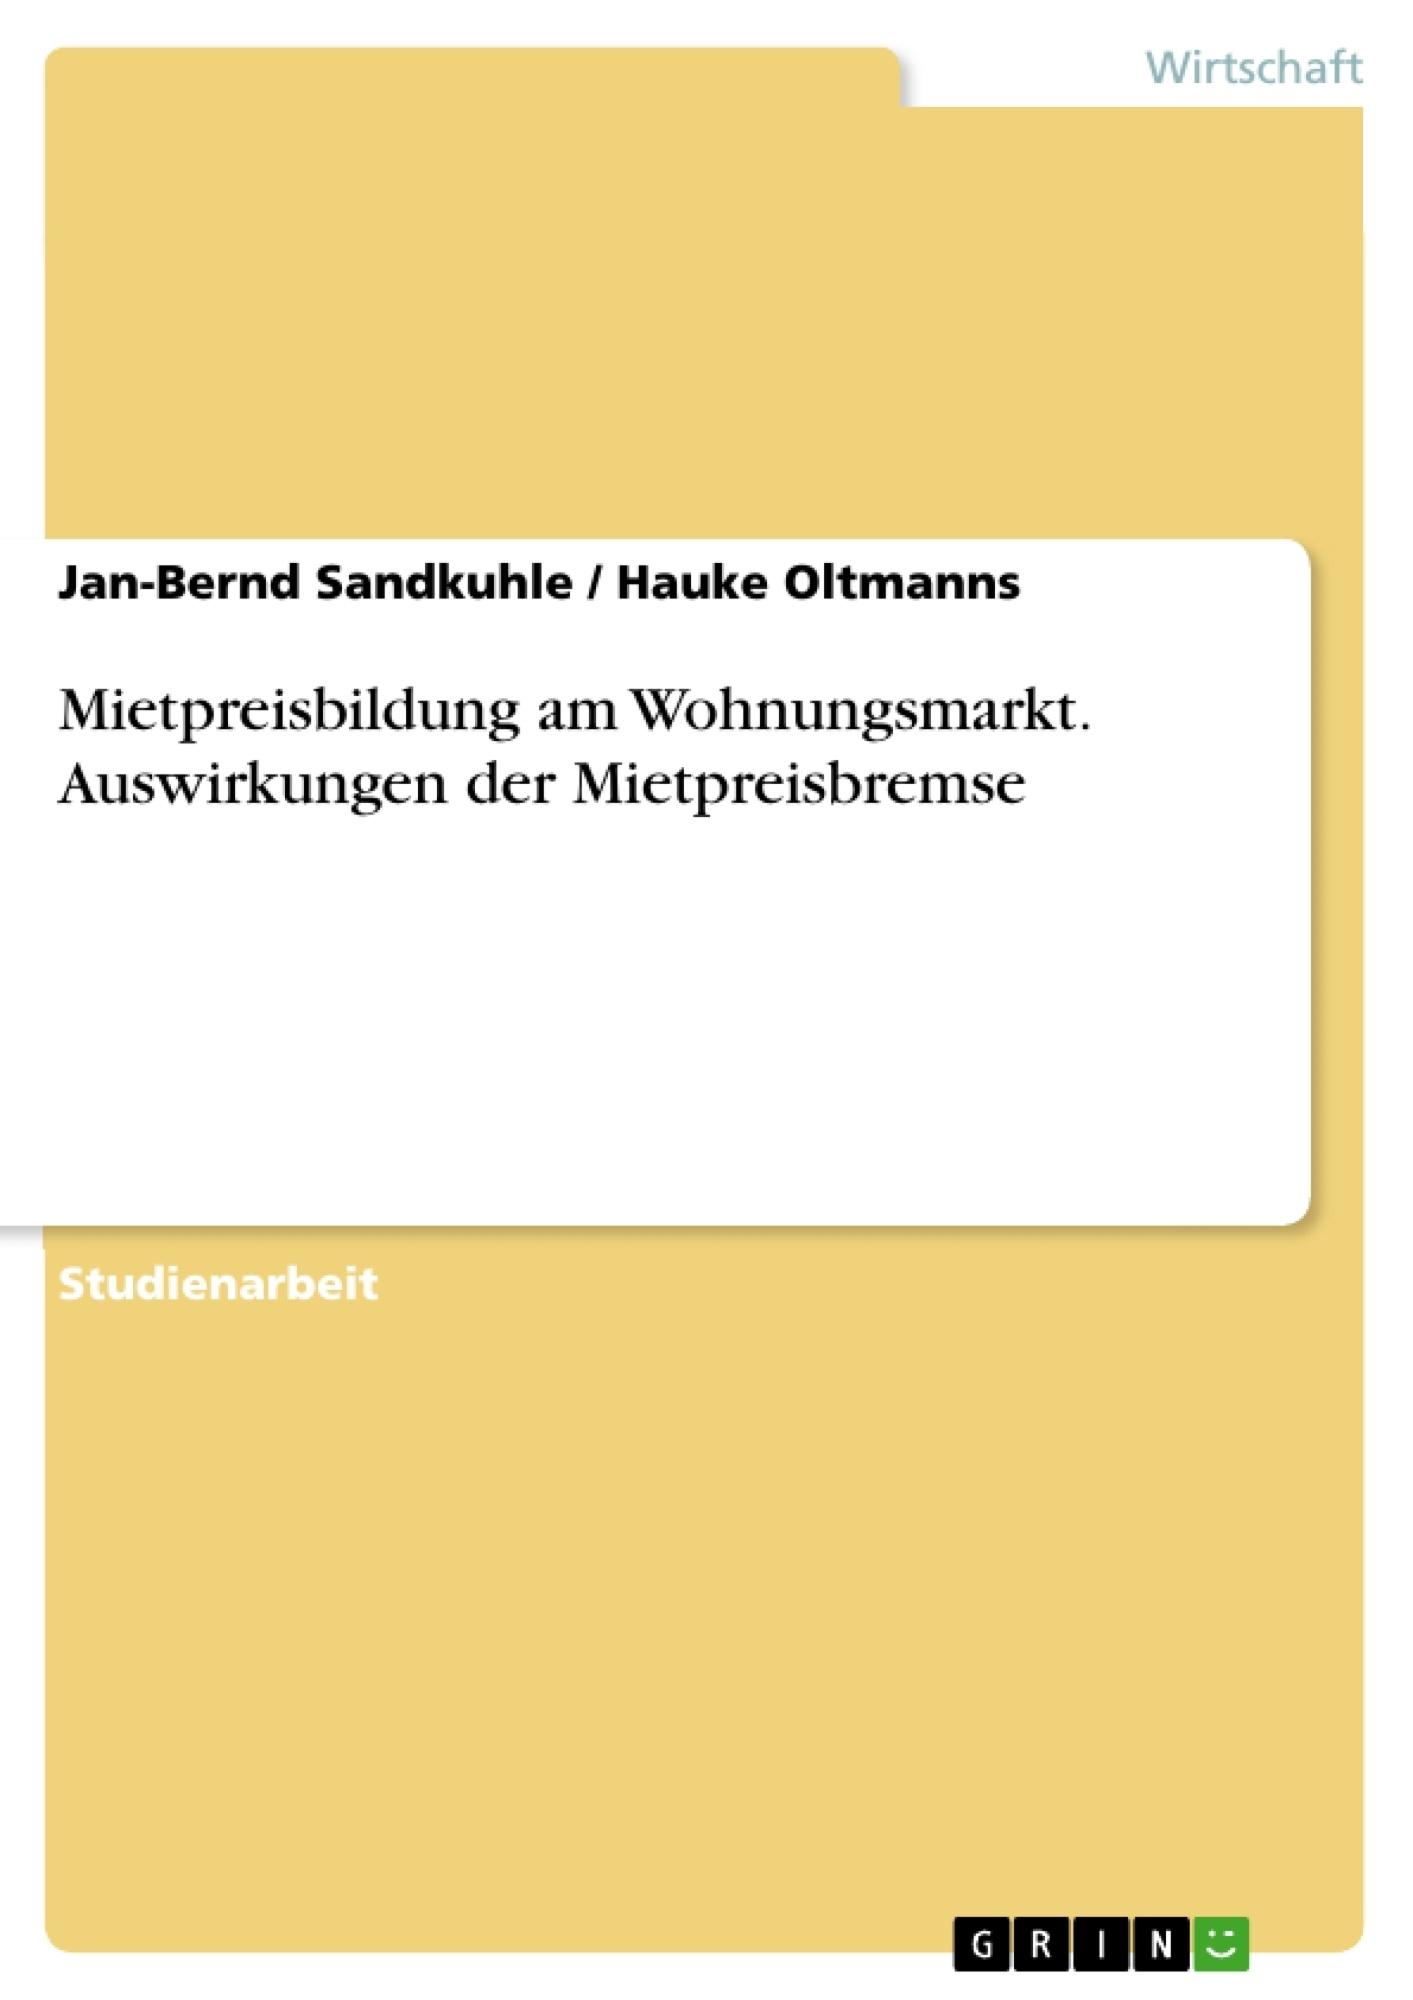 Ausgezeichnet Diagramme Bohn Verdrahtung Fezeere Fotos - Der ...